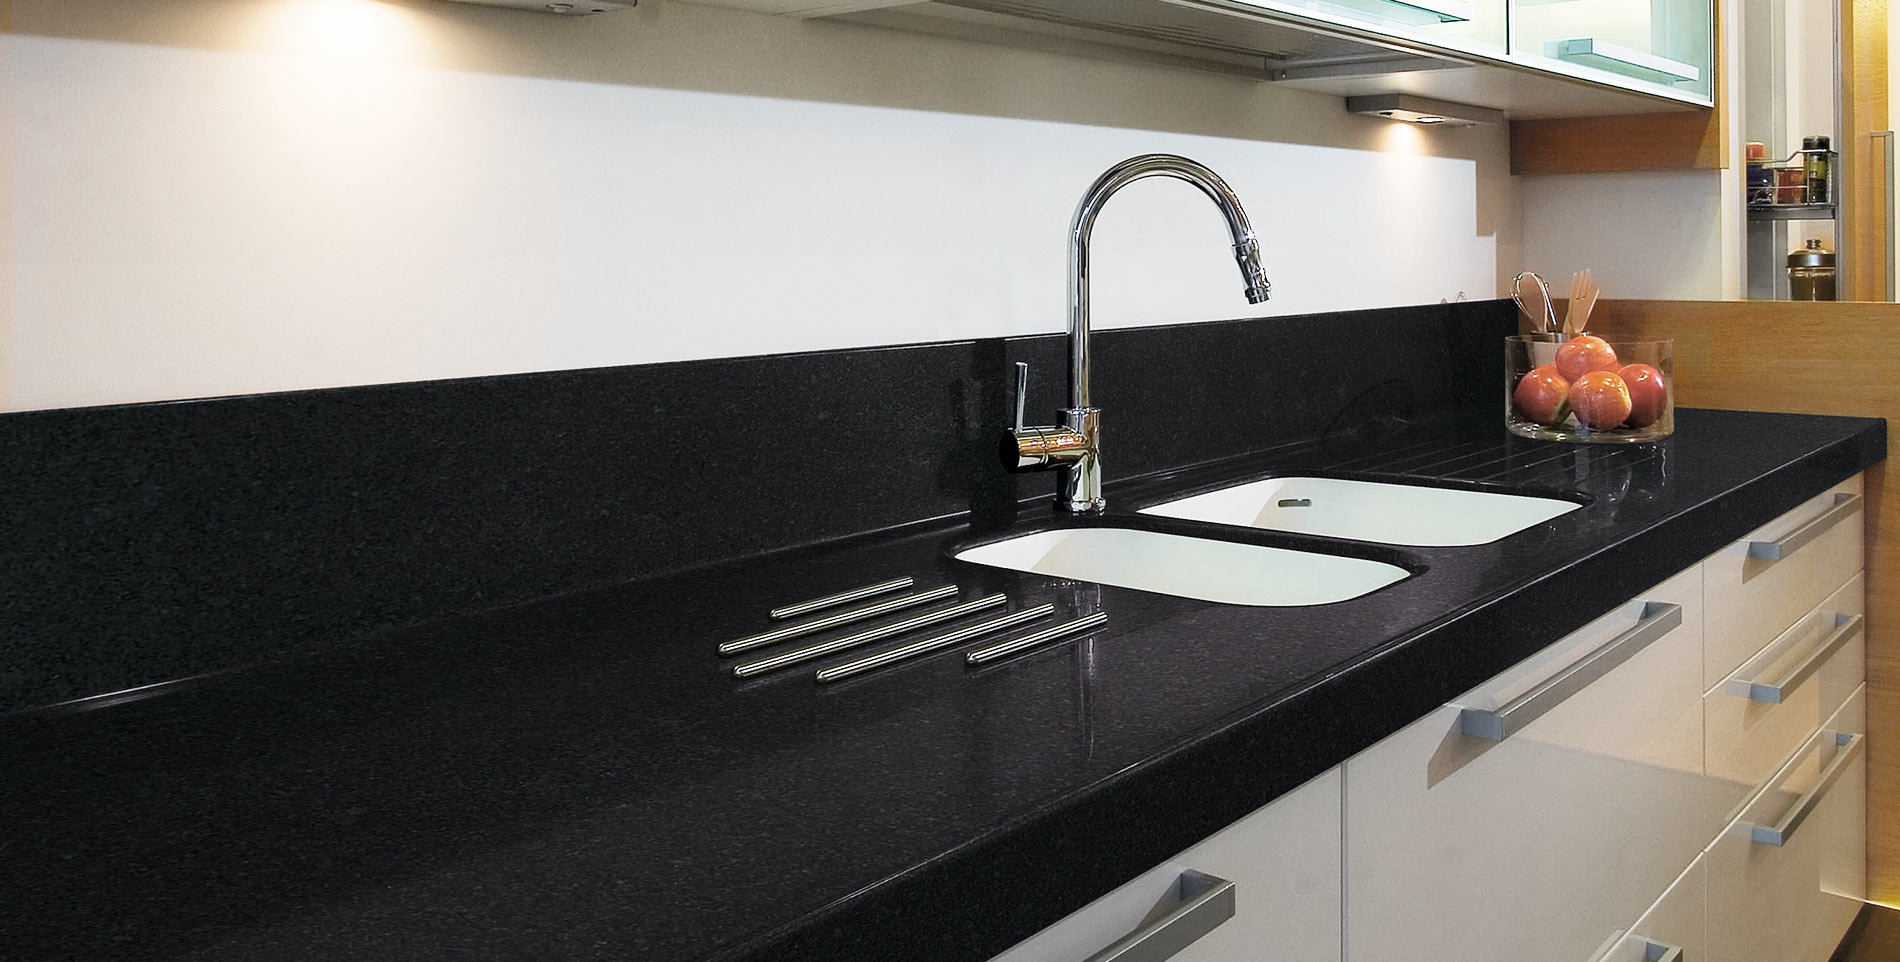 Levantina encimera de cocina negra for Cocina blanca encimera granito negra